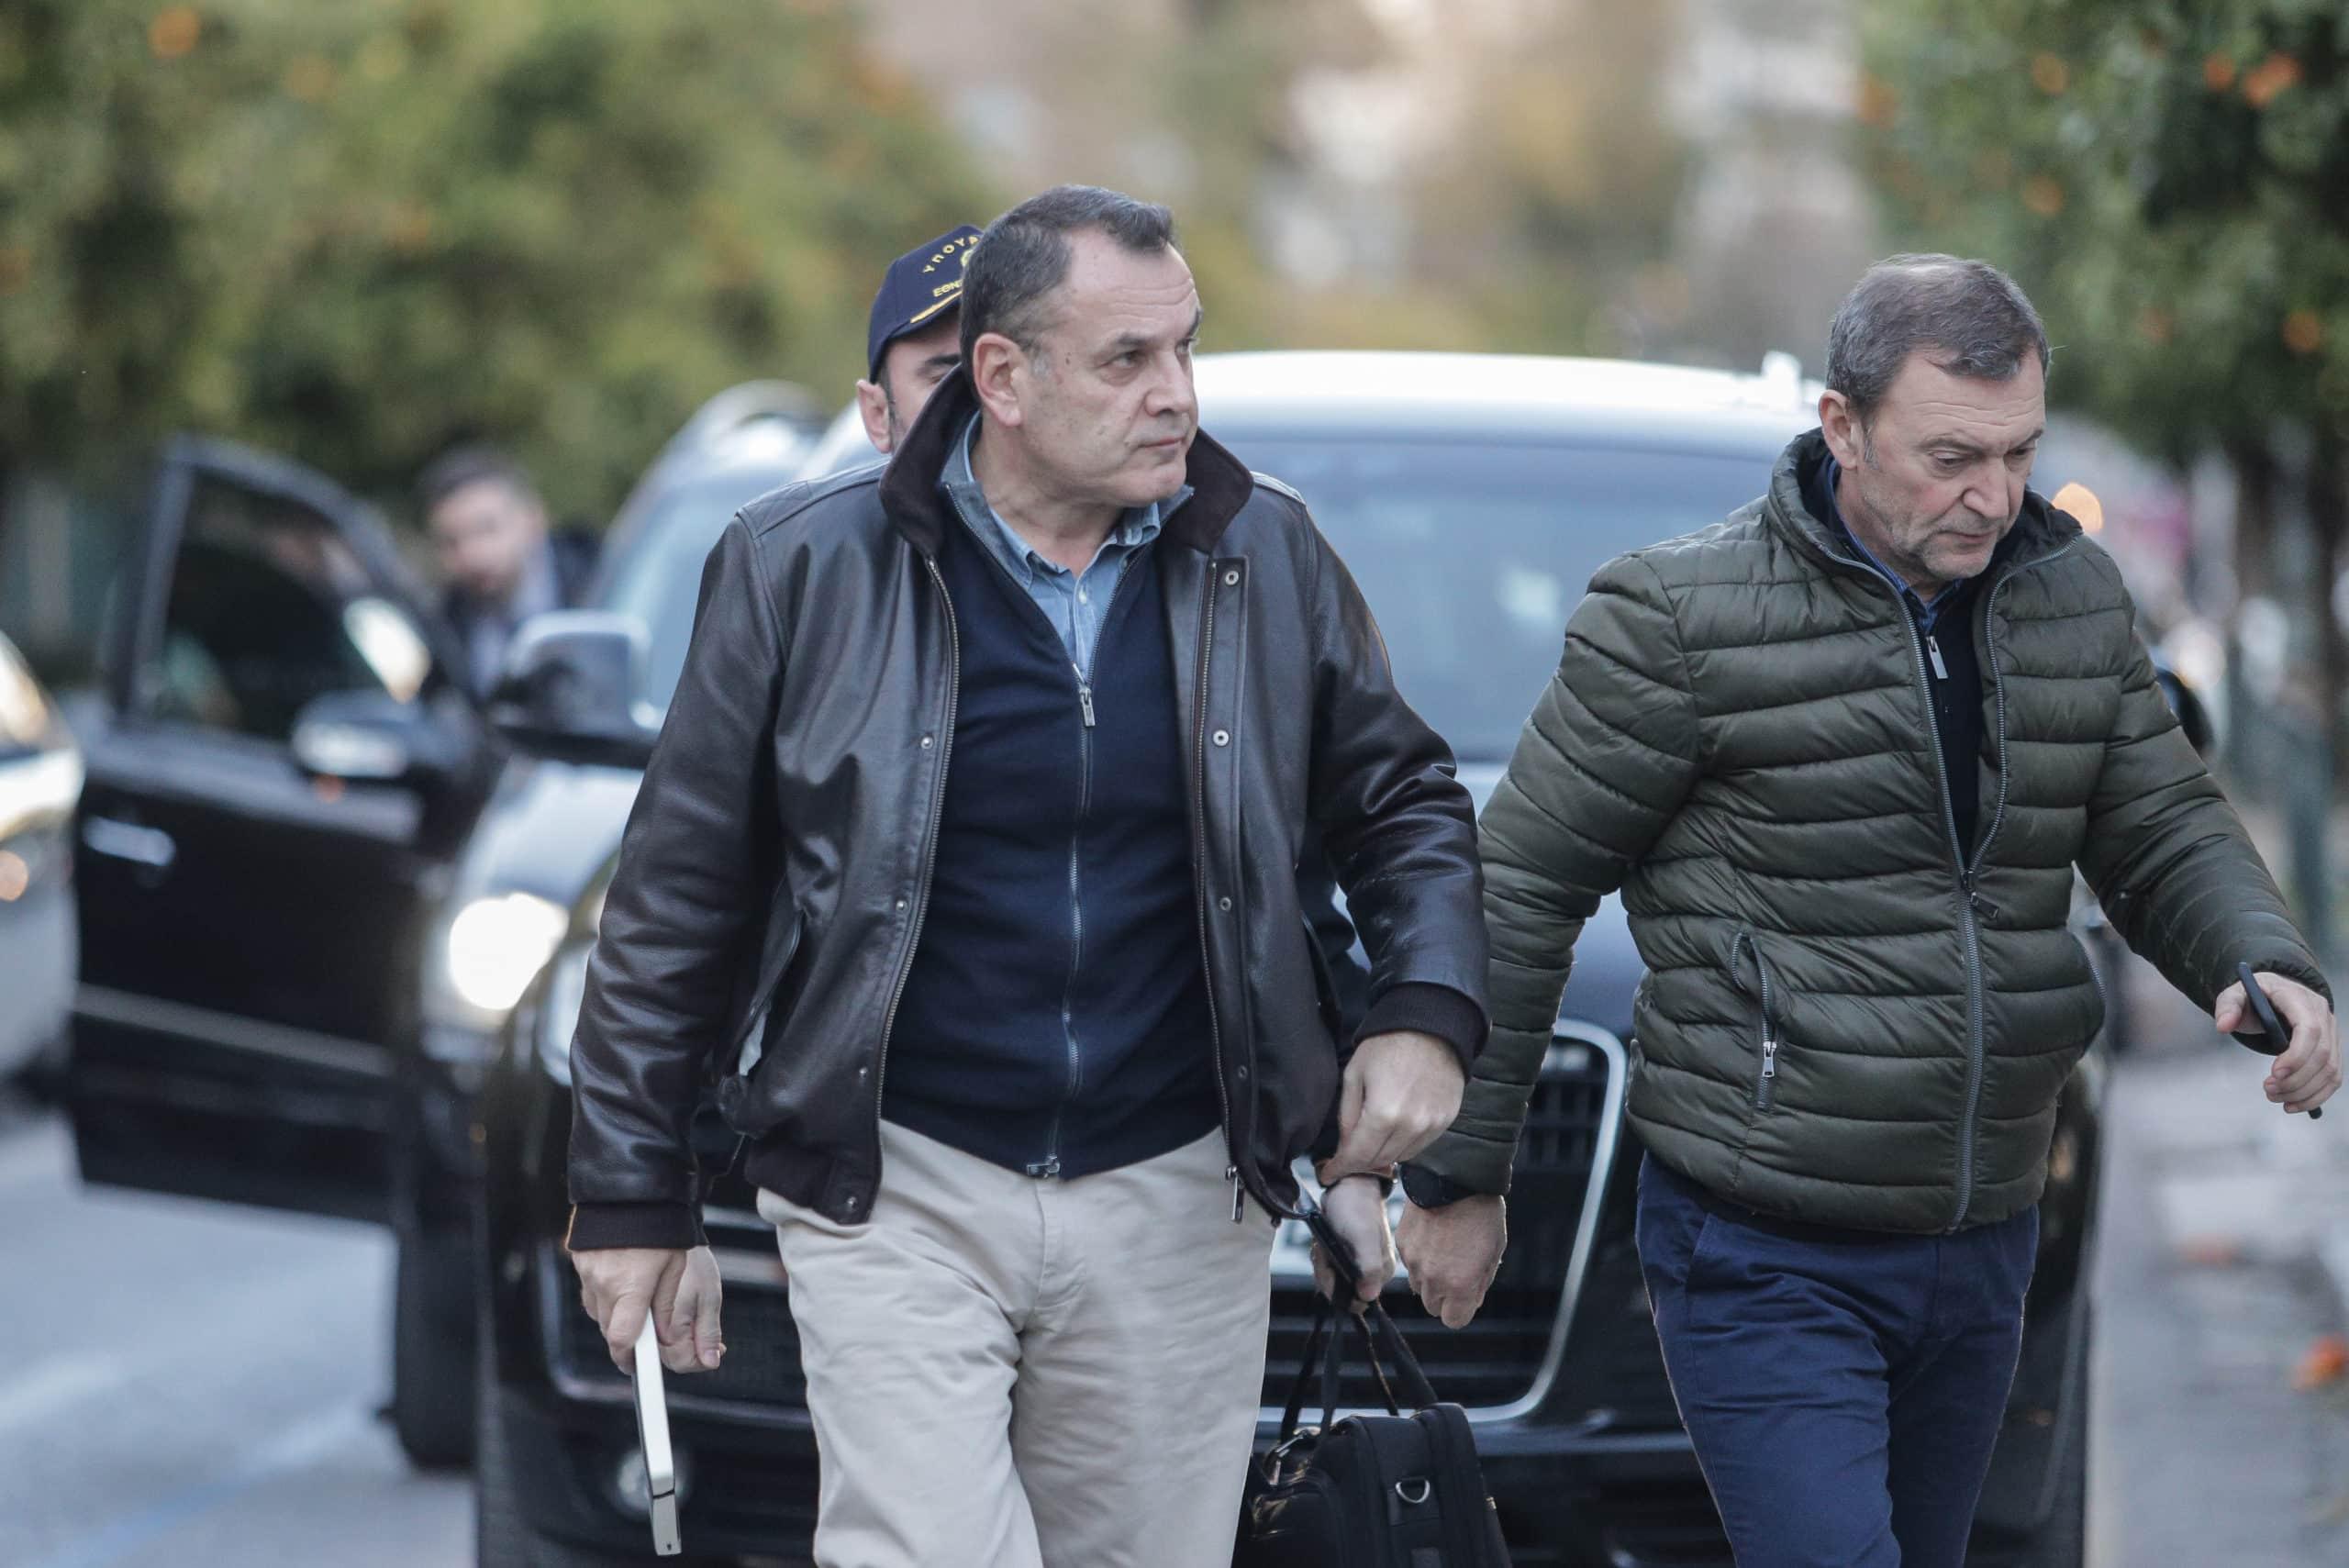 ΠΟΕΣ προς ΥΕΘΑ: ΜΗΝ τολμήσετε να καταργήσετε τον συνδικαλισμό Νίκος Παναγιωτόπουλος: Ο λιγότερο αποτελεσματικός υπουργός - ALCO 700 ΣΕ: Επίσκεψη Παναγιωτόπουλου - Νέα καταγγελία της ΠΟΕΣ